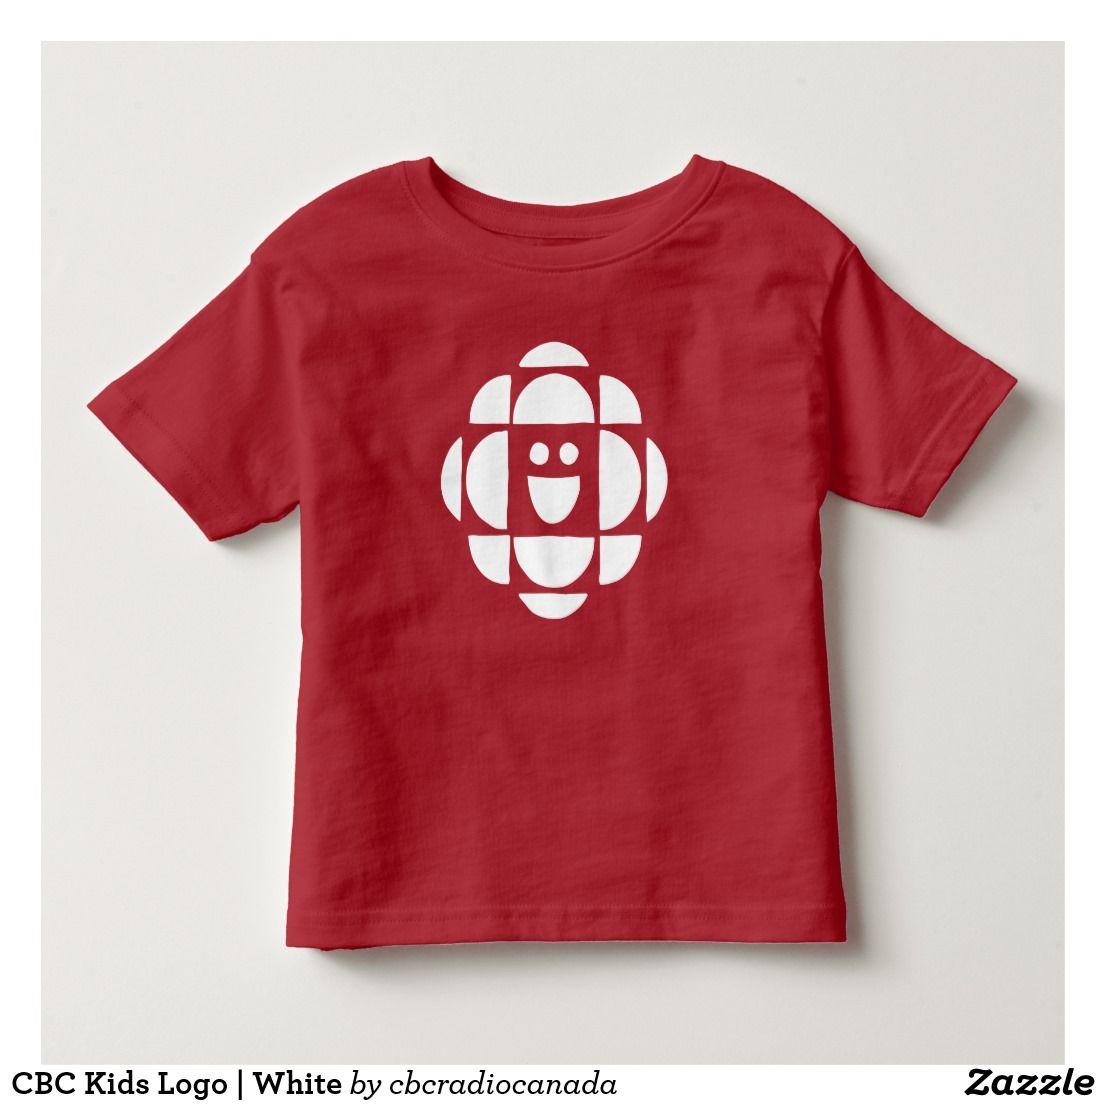 Cbc kids logo white toddler tshirt toddler tshirts